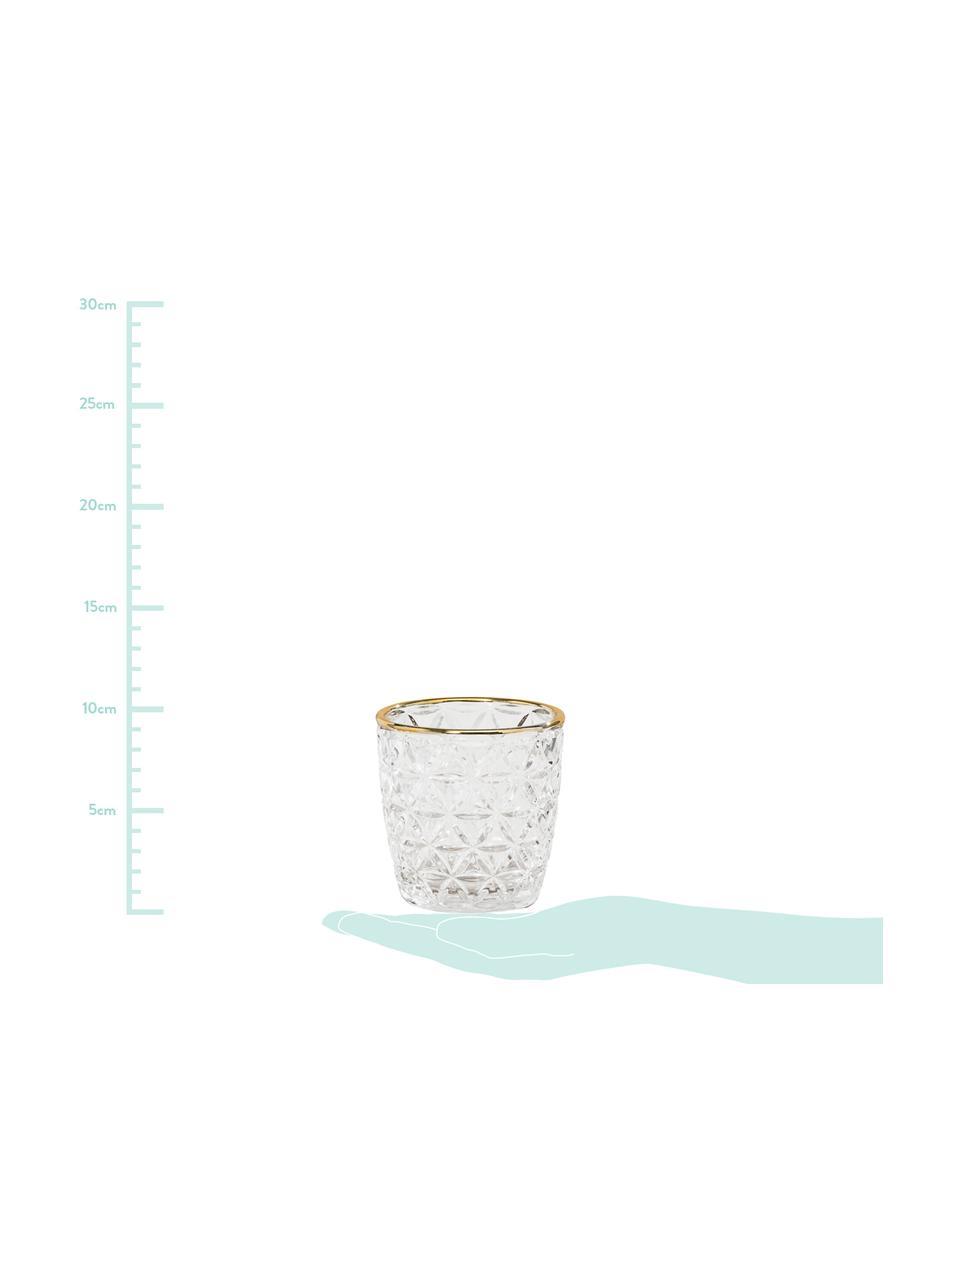 Teelichthalter-Set Adore, 3-tlg., Glas, lackiert, Transparent, Goldfarben, Ø 9 x H 9 cm